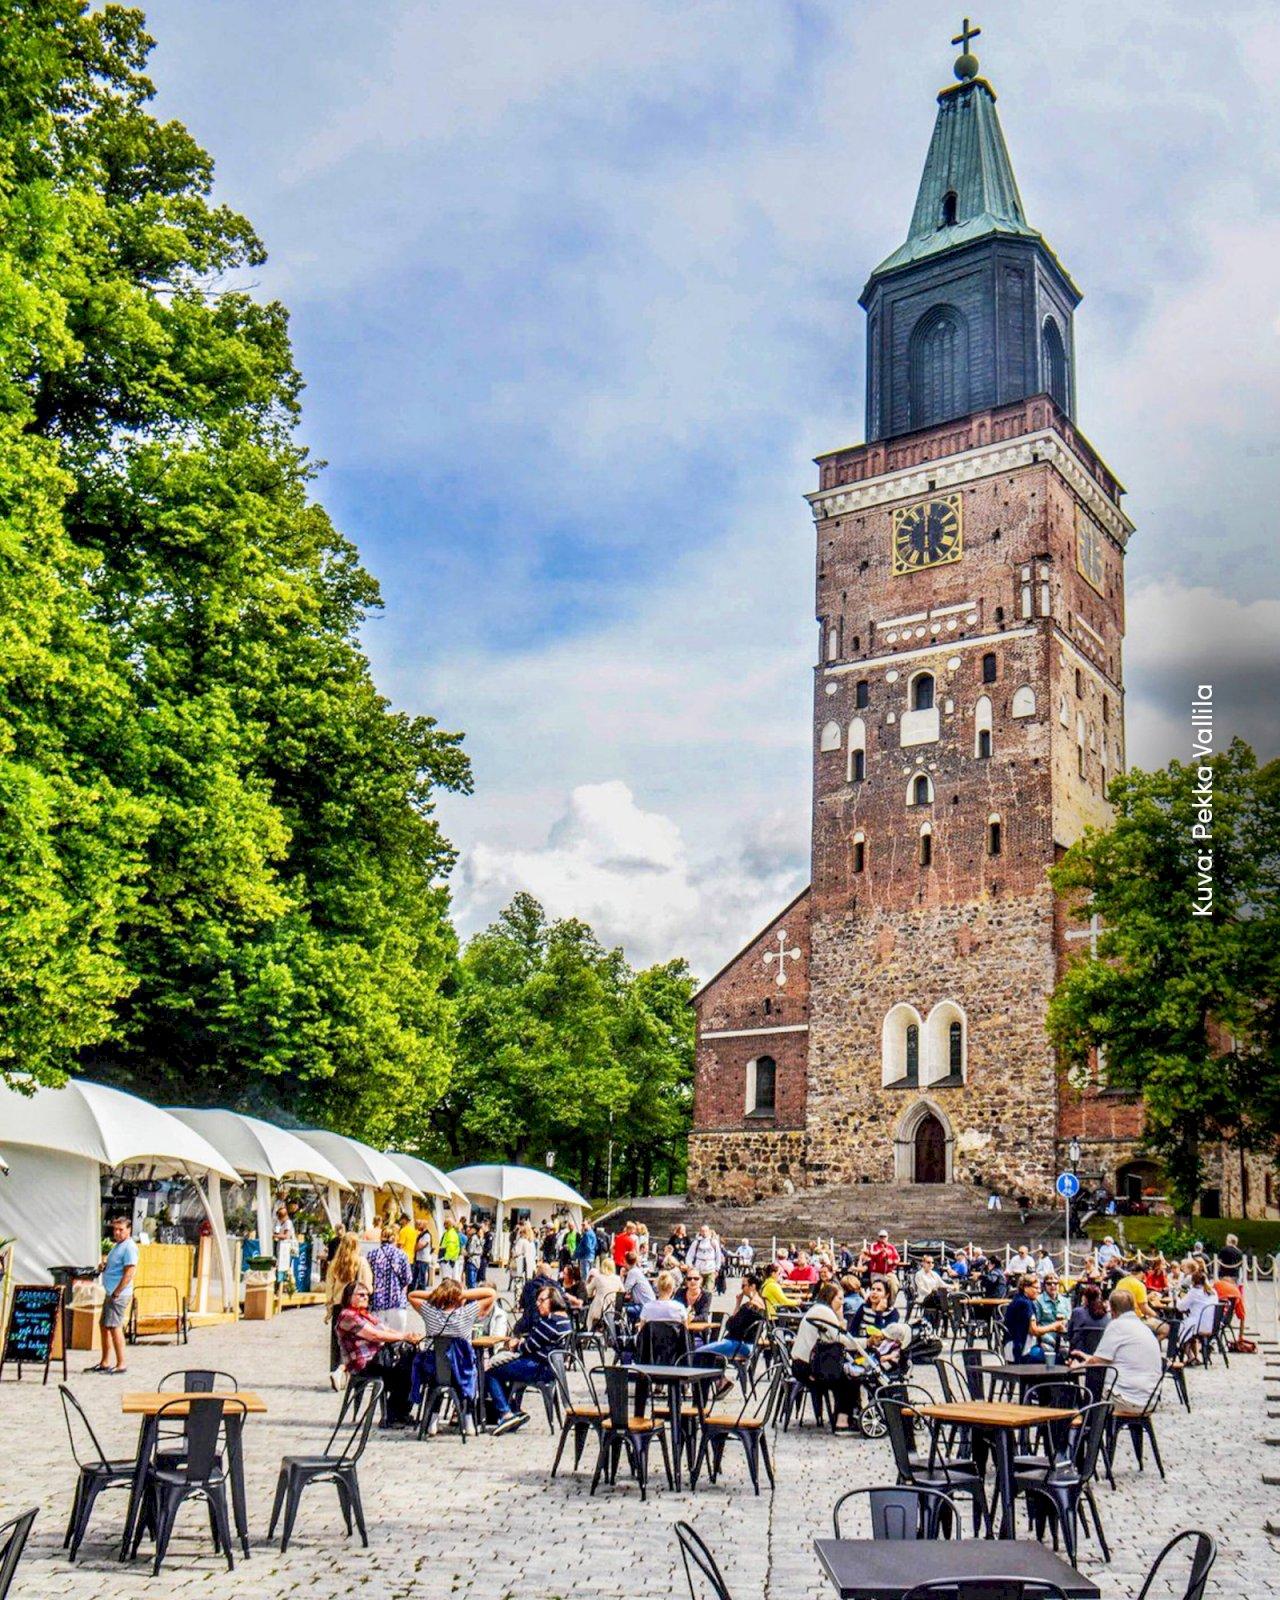 Ihmisiä syömässä ja juomassa Kirkkopuiston Terassilla Turun tuomiokirkon edessä.